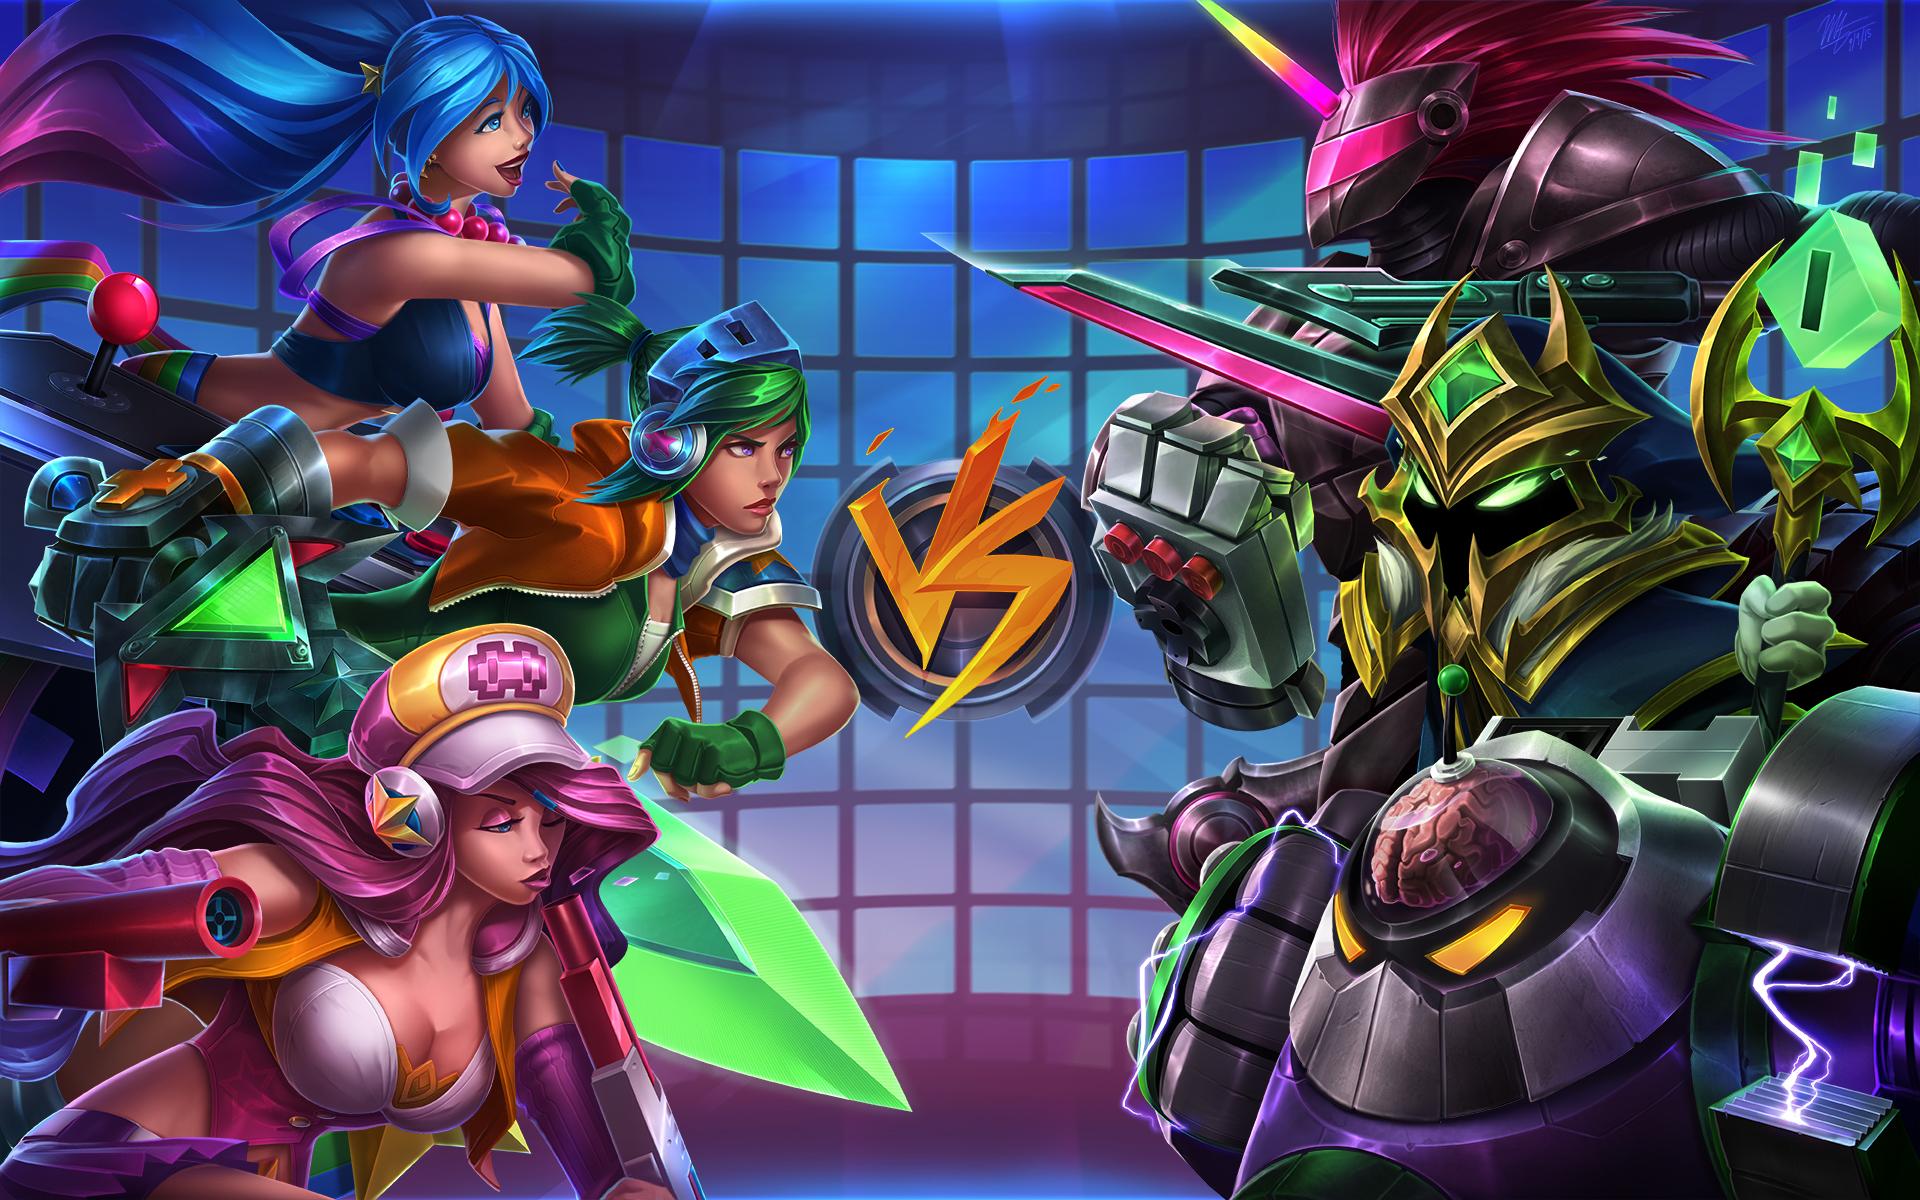 Arcade Battle wallpaper